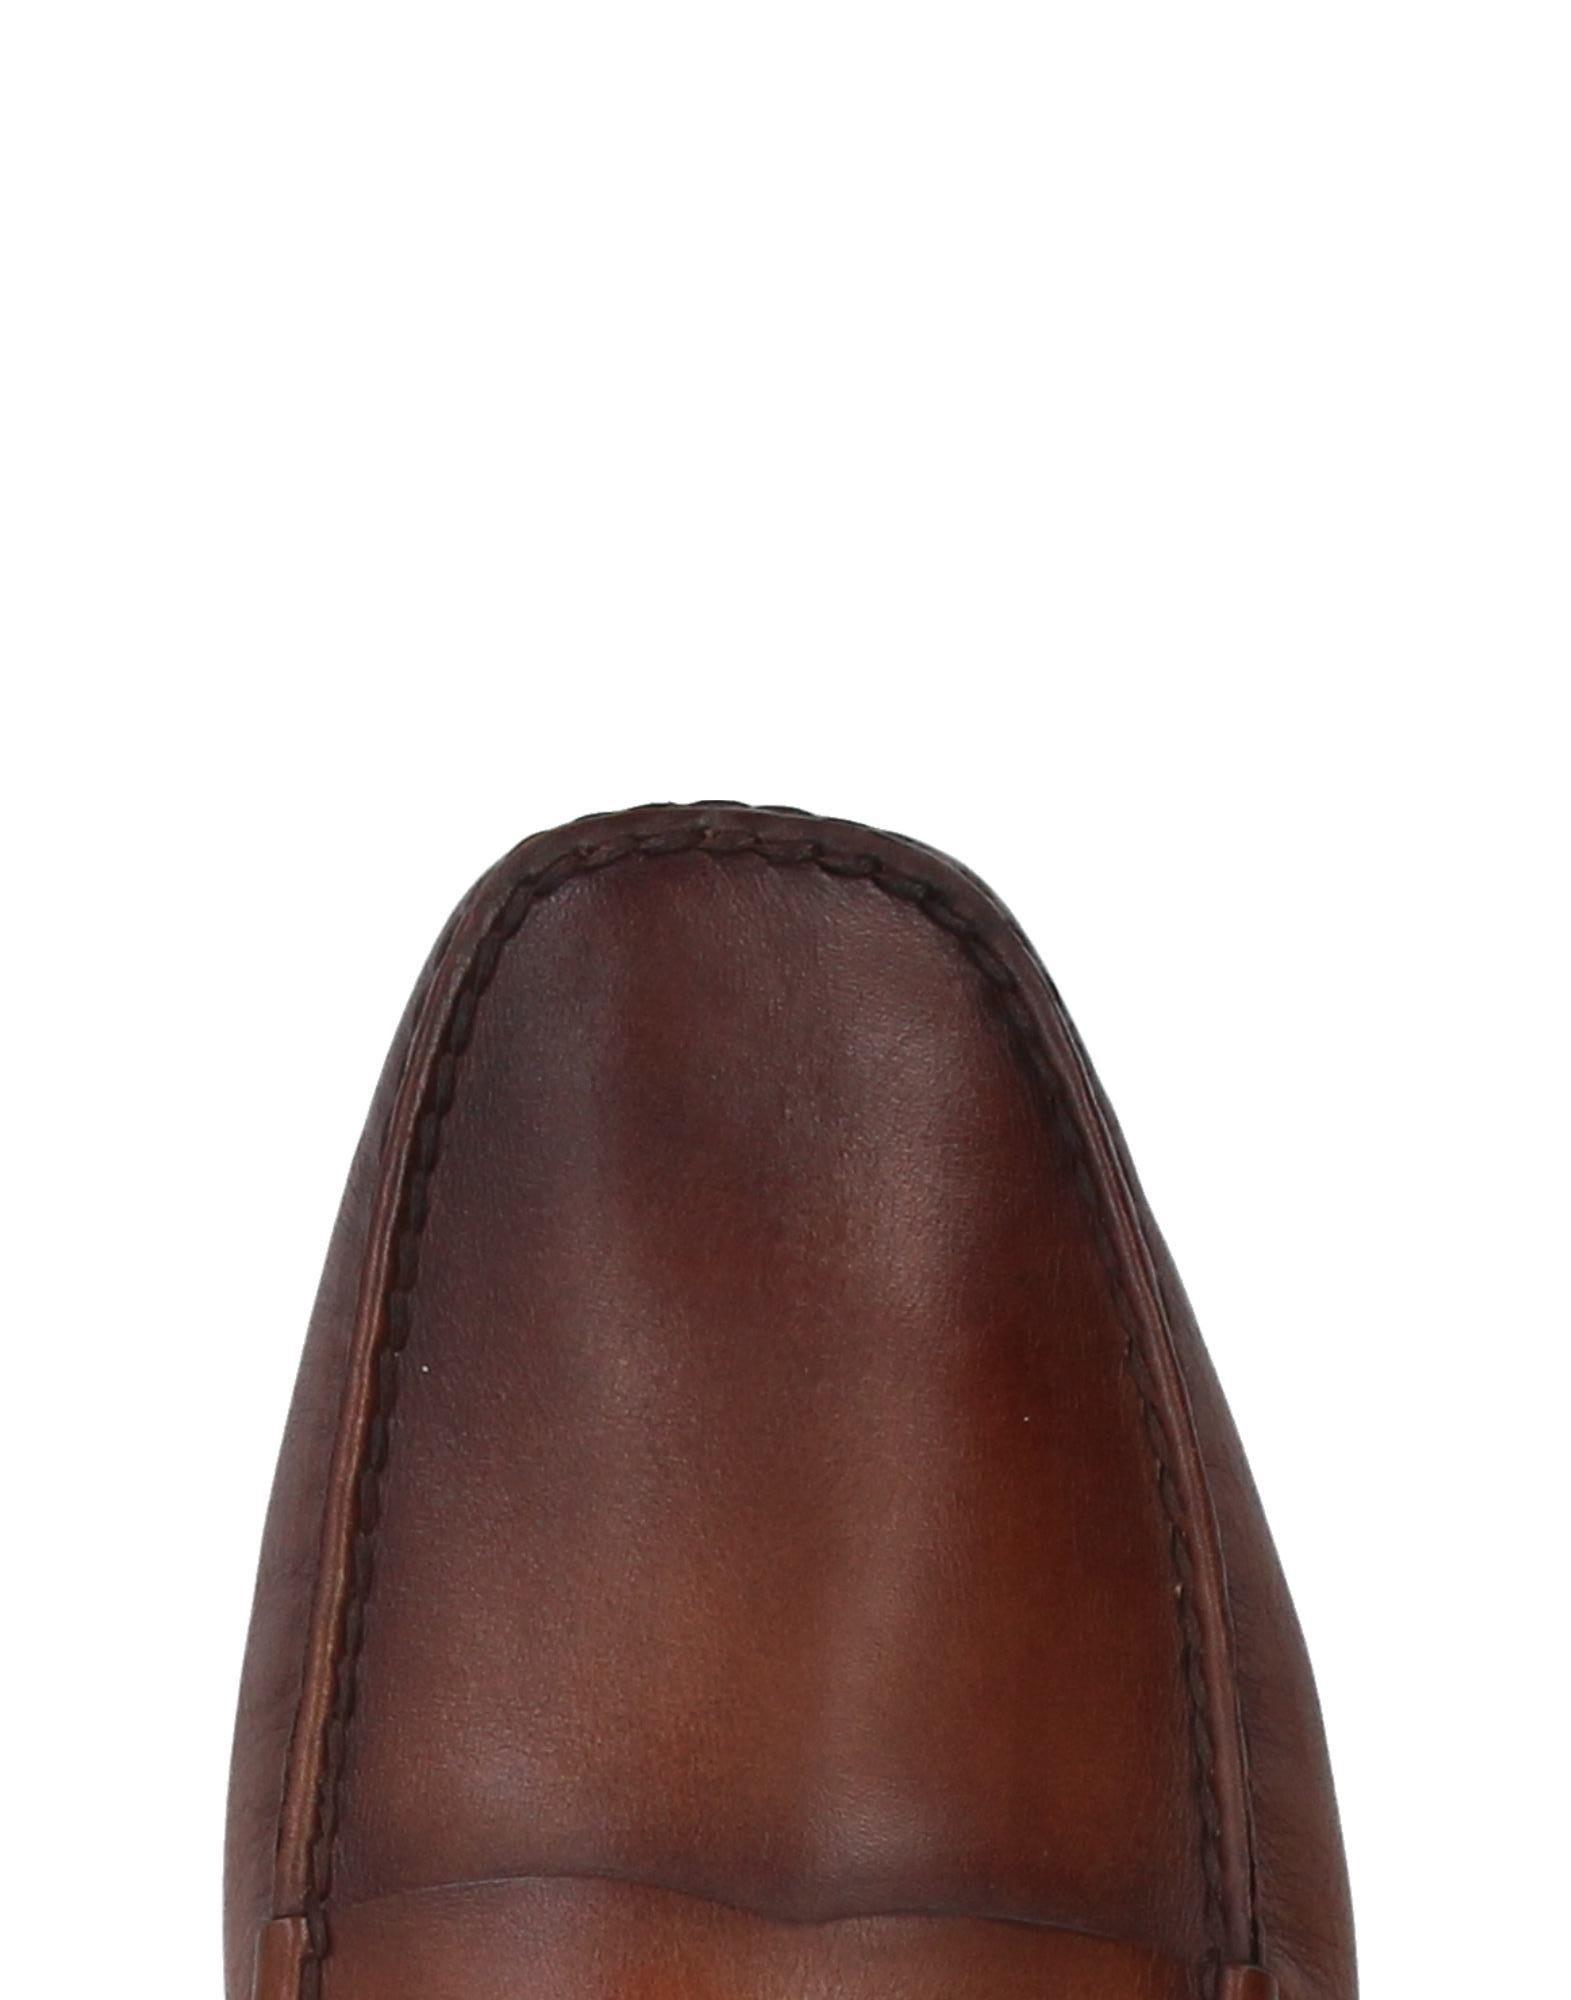 Herren Santoni Mokassins Herren   11409631OR Heiße Schuhe 87e7f2